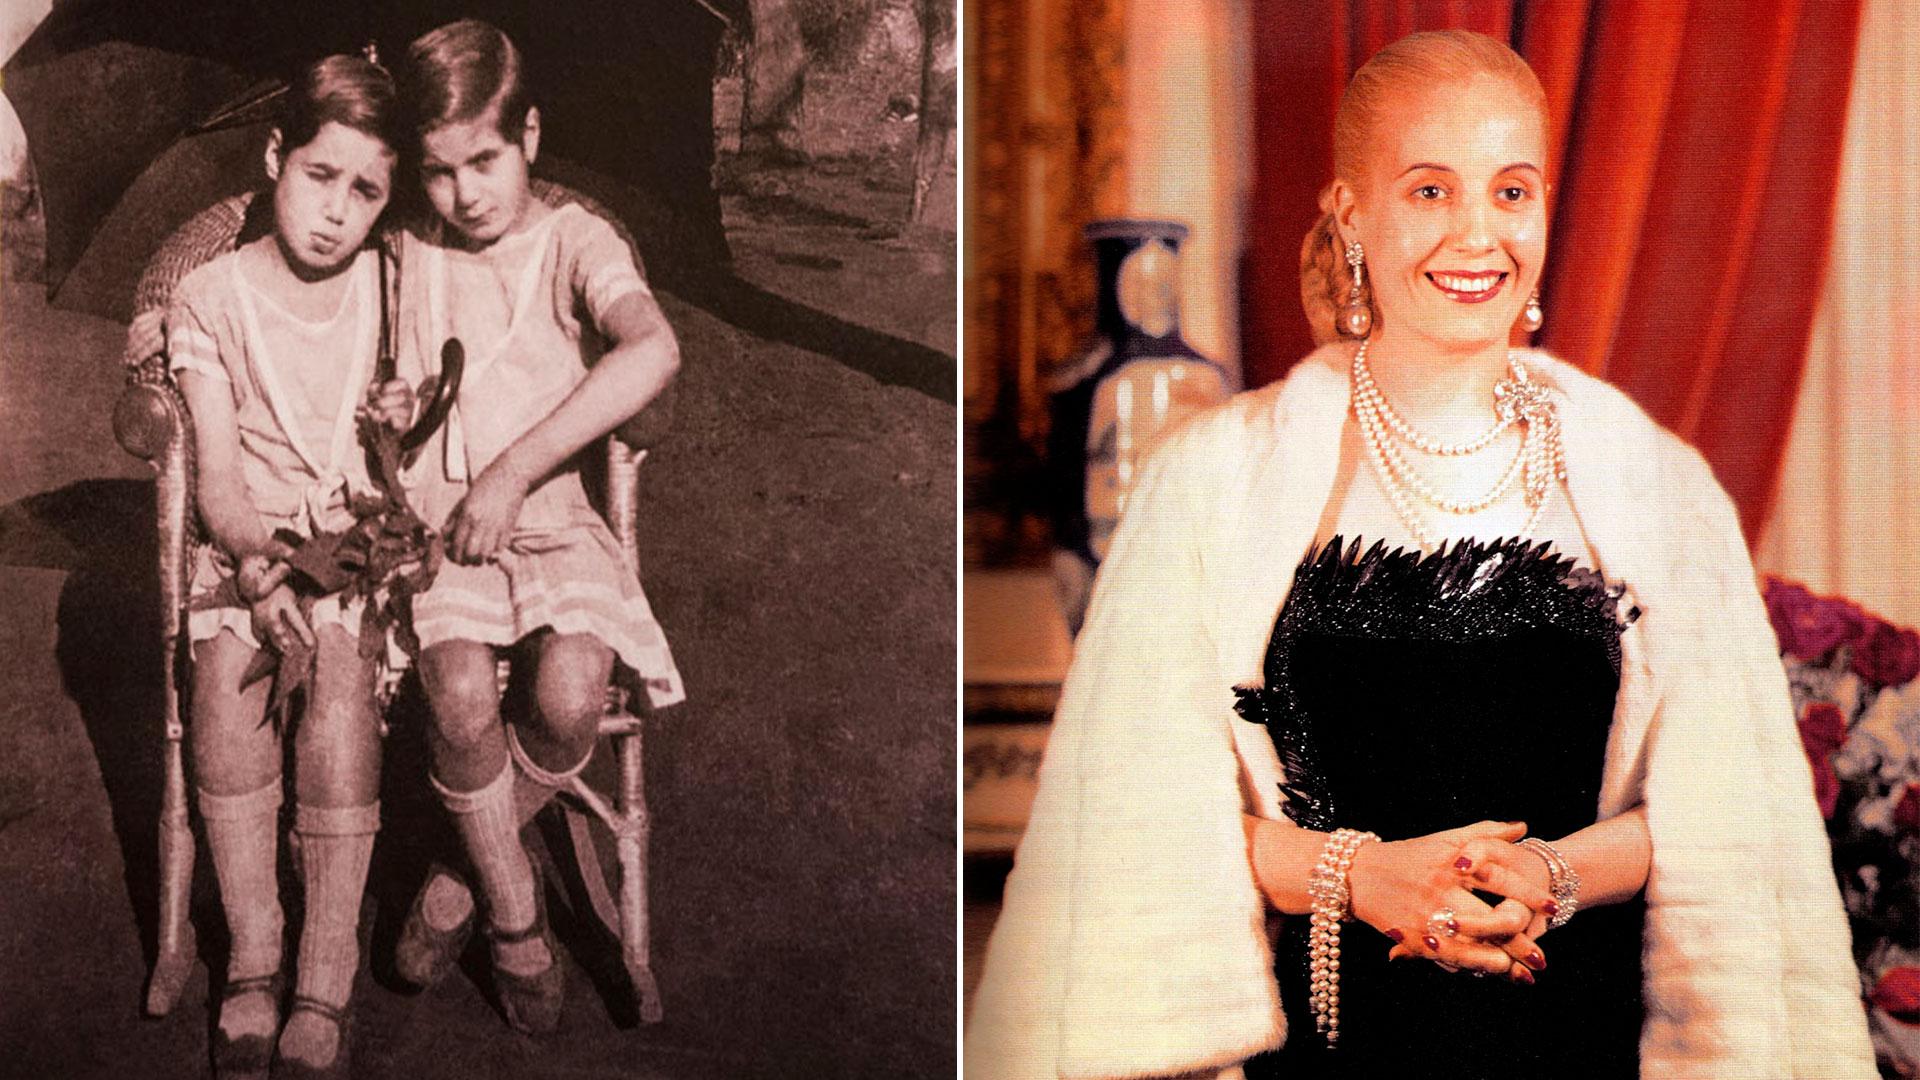 0e8c0f029 La evolución del estilo de Evita  de coser su propia ropa a vestir ...